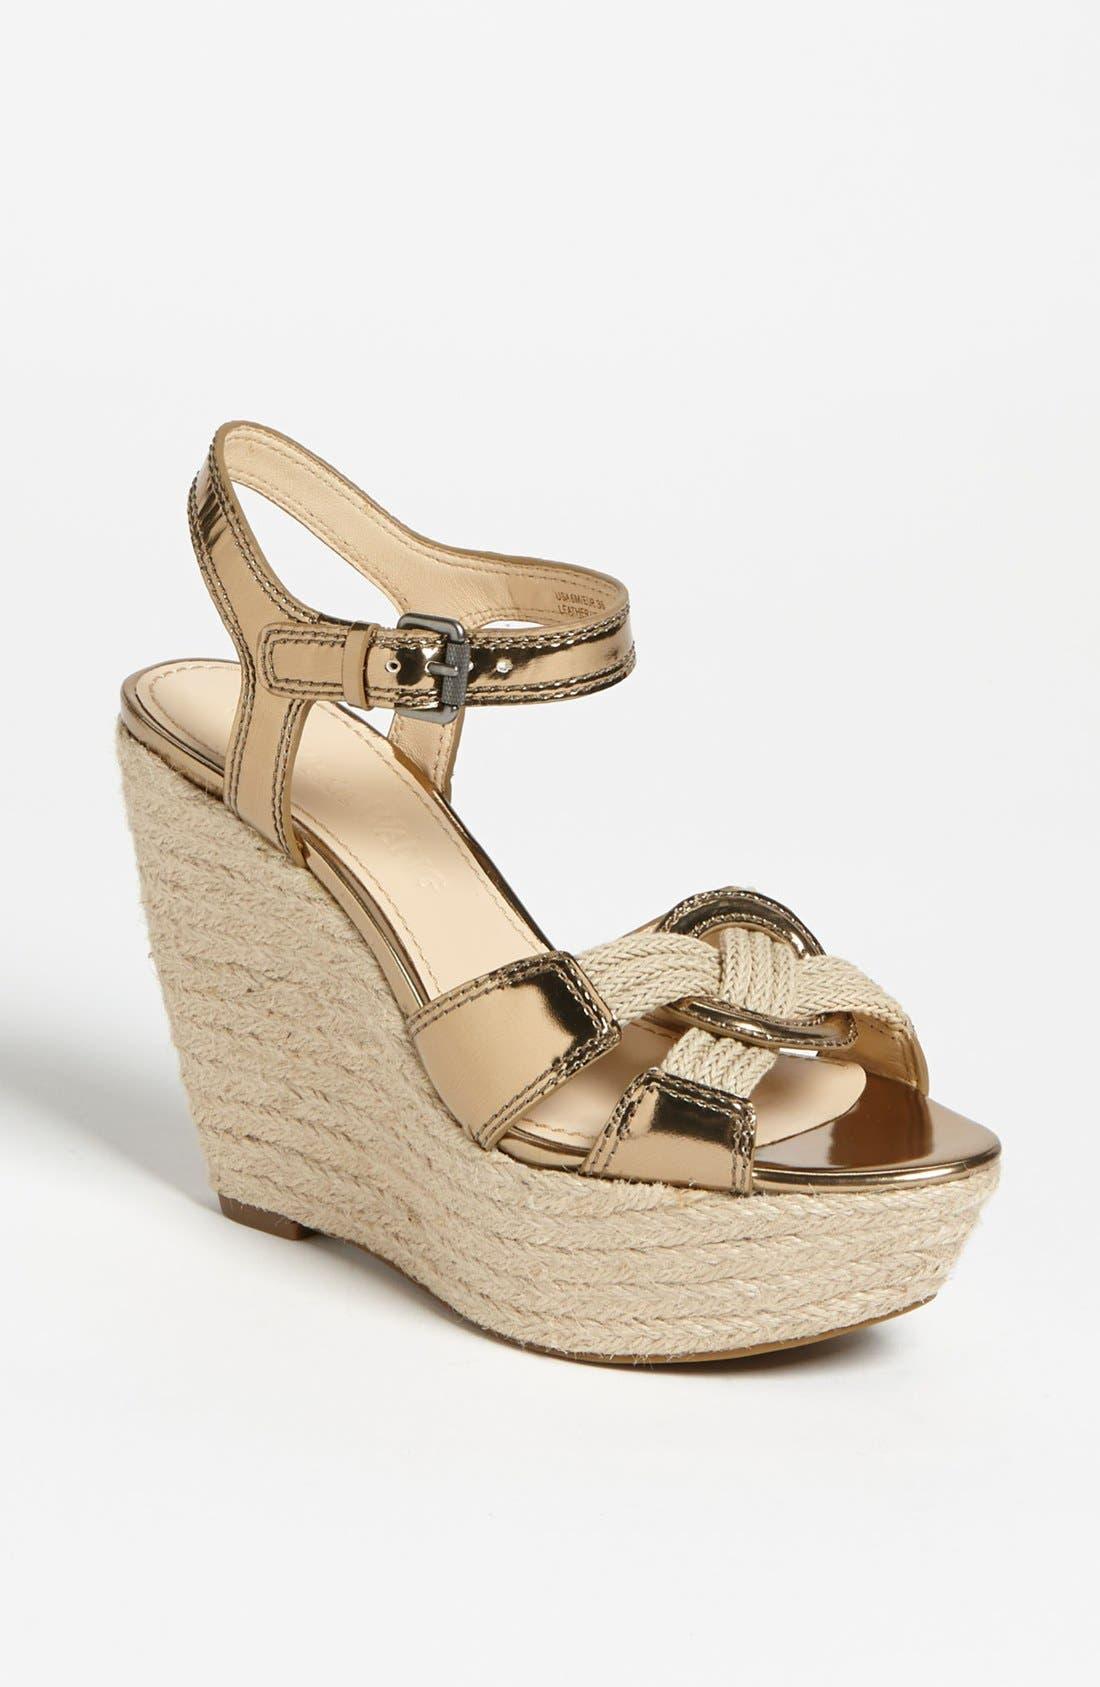 Alternate Image 1 Selected - Vera Wang Footwear 'Tamarind' Wedge Sandal (Online Only)